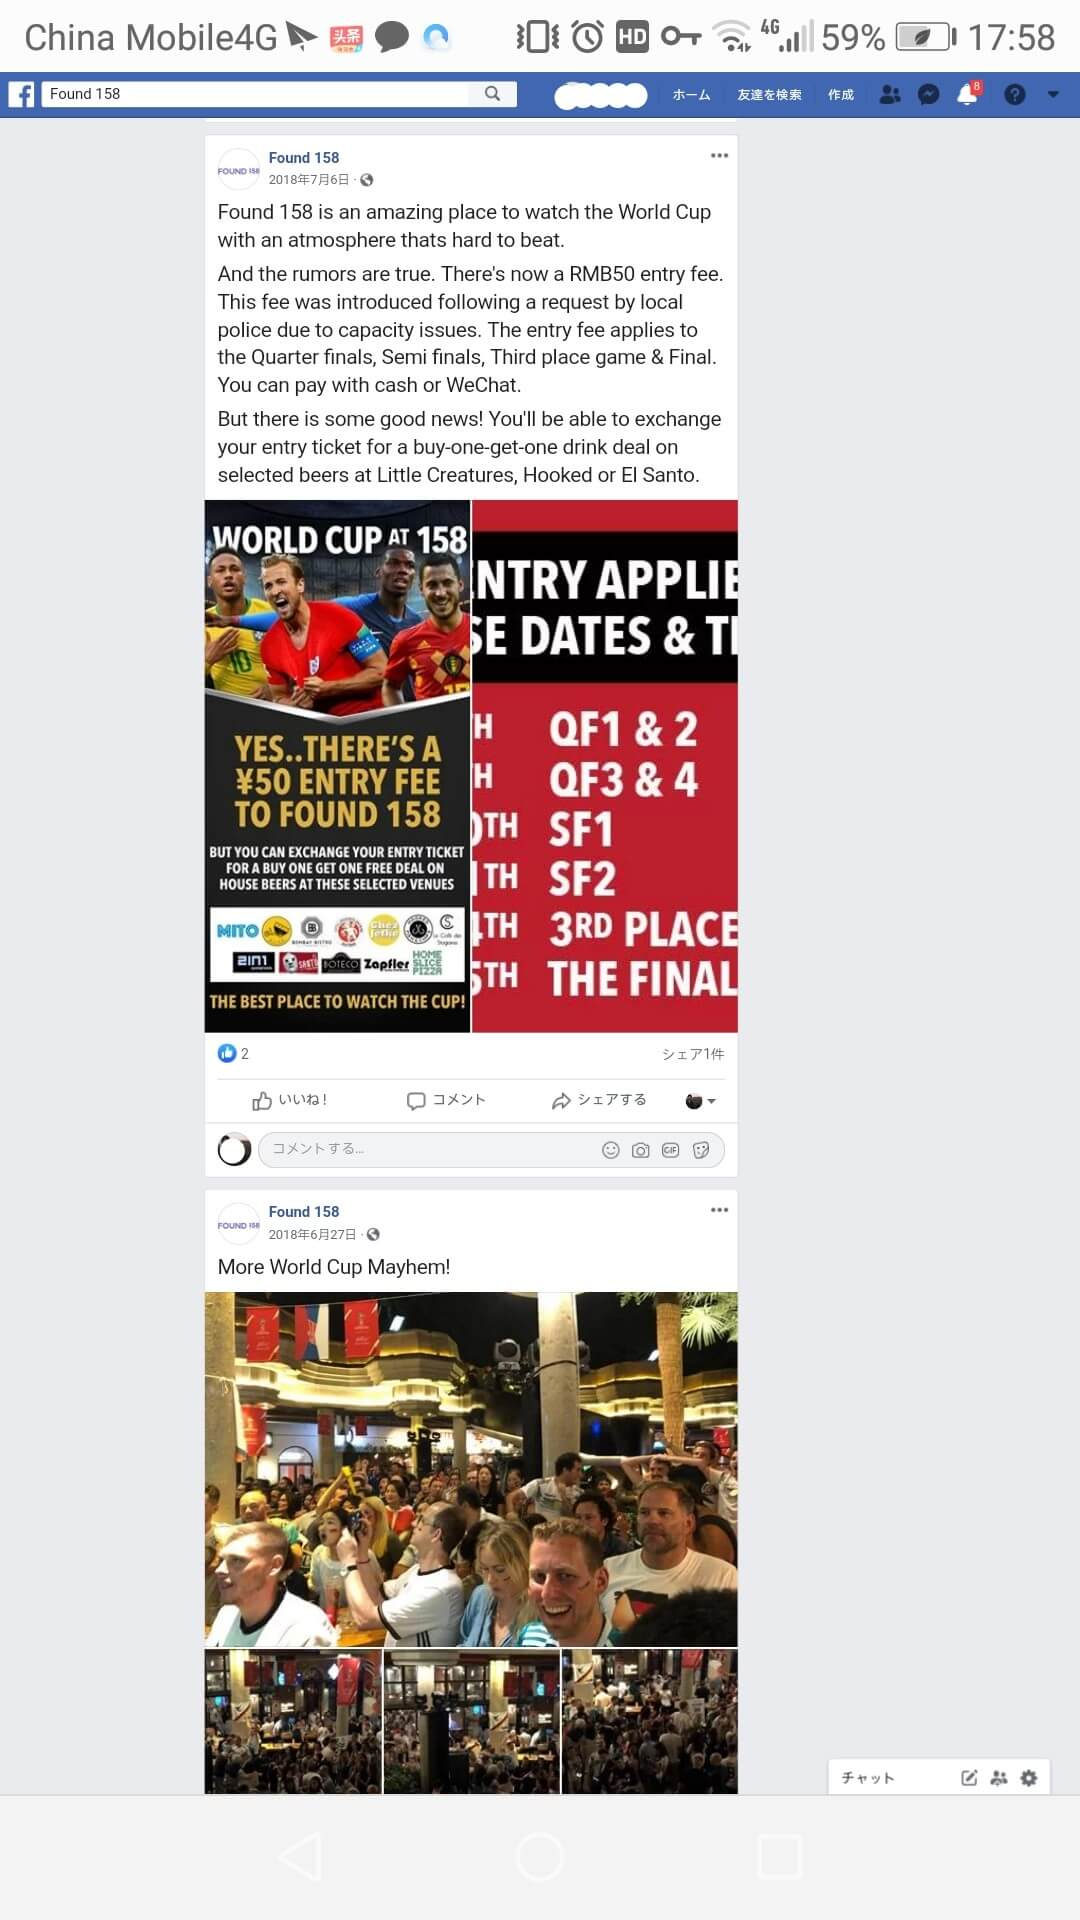 facebookでスポーツイベントなどを配信している写真